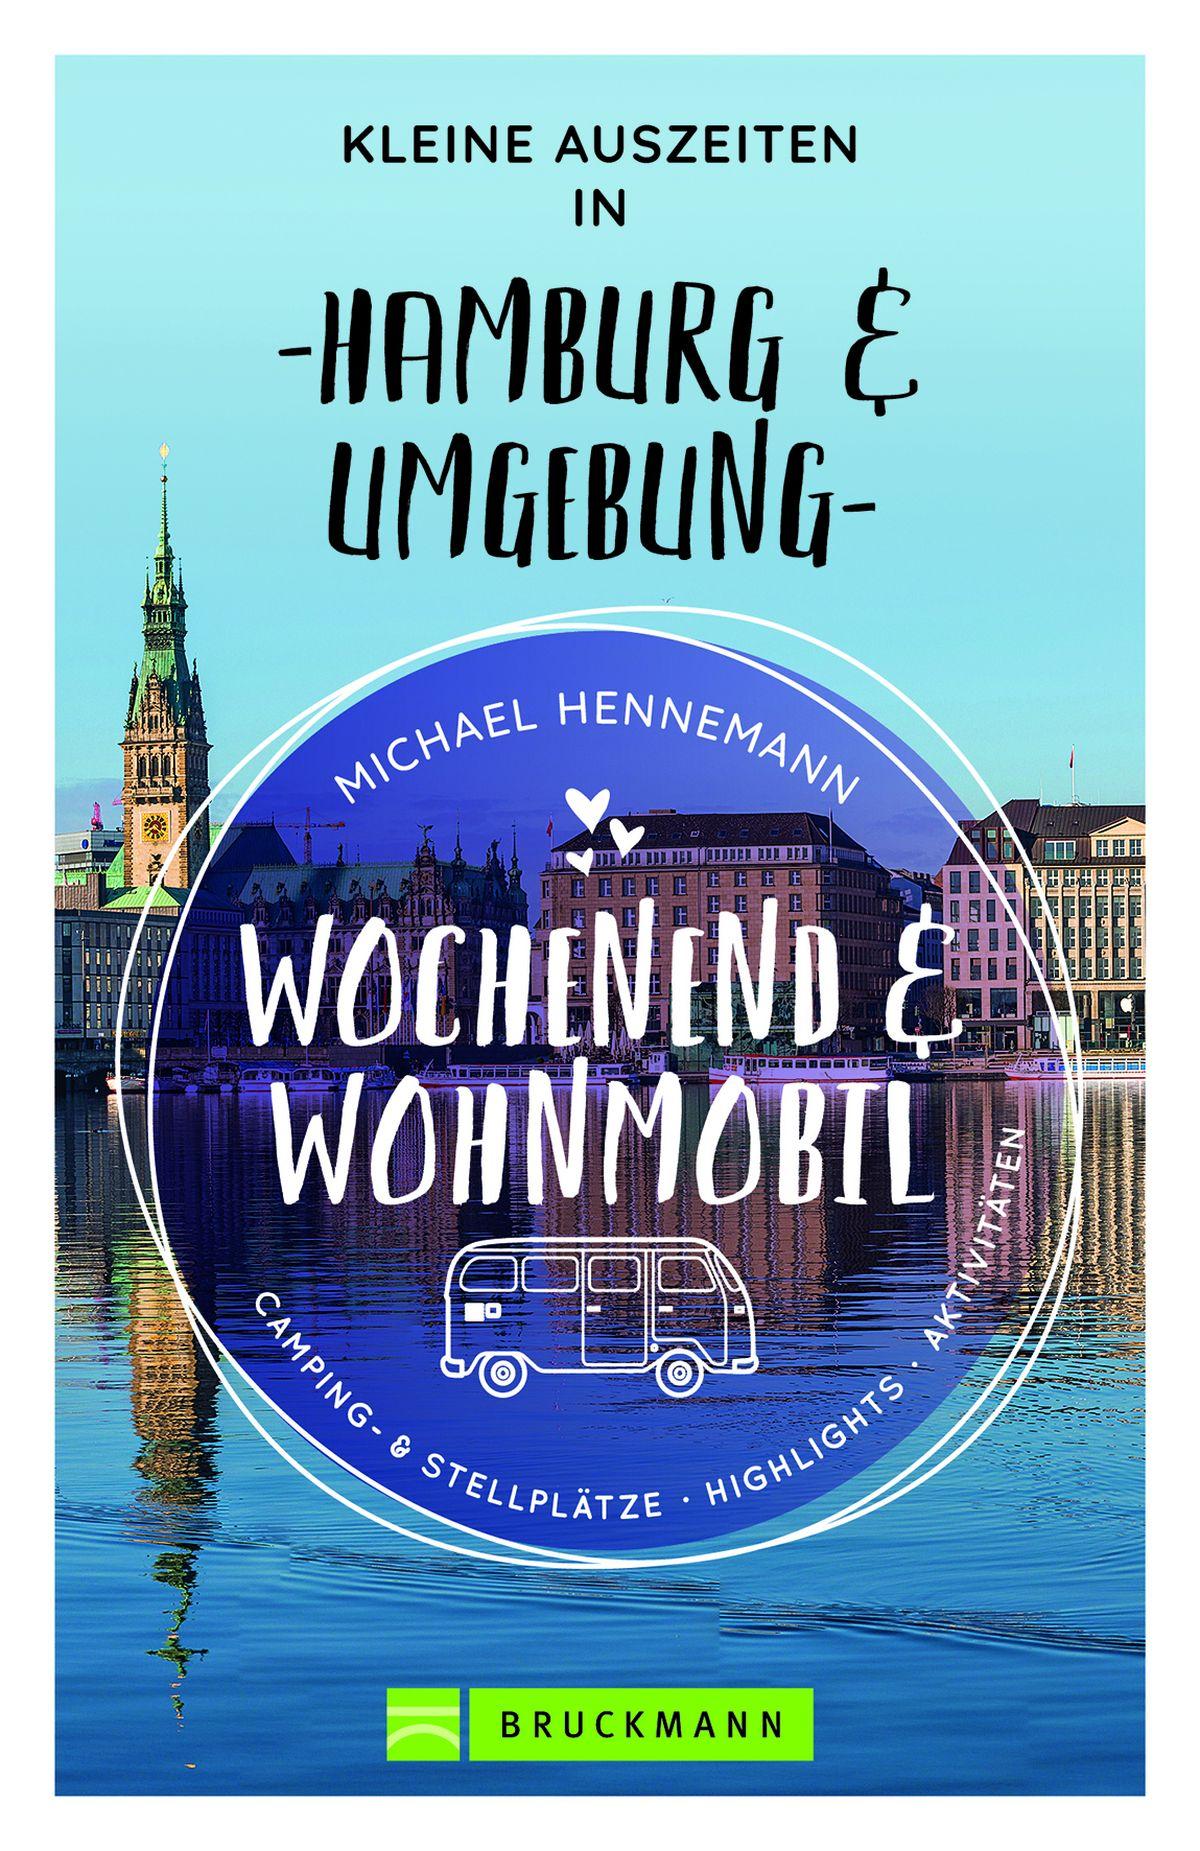 Michael Hennemann Wochenend und Wohnmobil - Kleine Auszeiten in Hamburg & Umgebung 160 Seiten | ca. 180 Abb. | 13,99 Euro ISBN 978-3-7343-2059-0